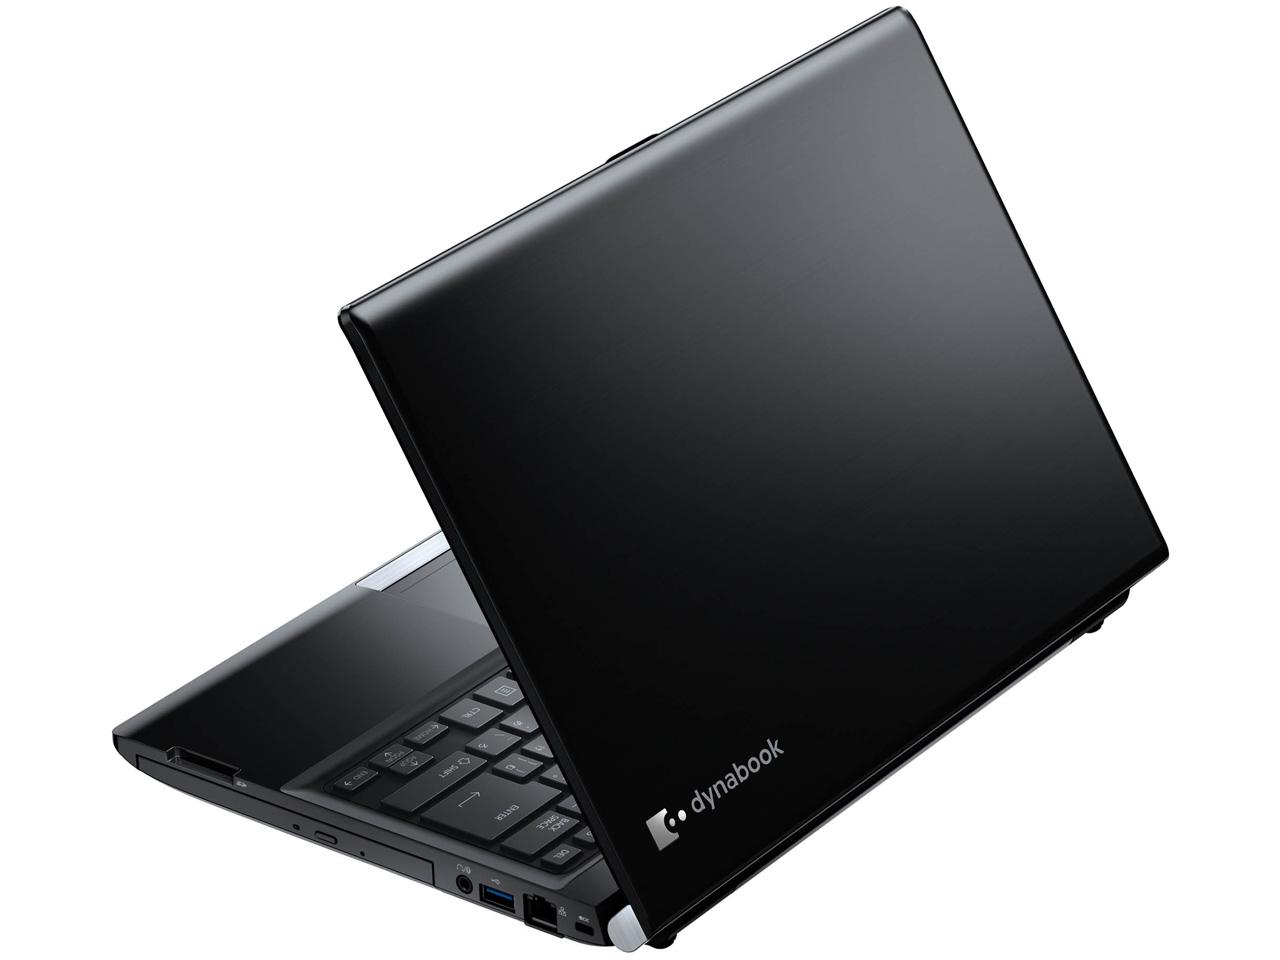 『本体 背面』 dynabook R83 R83/PB PR83PBP-BHA [グラファイトブラック] の製品画像